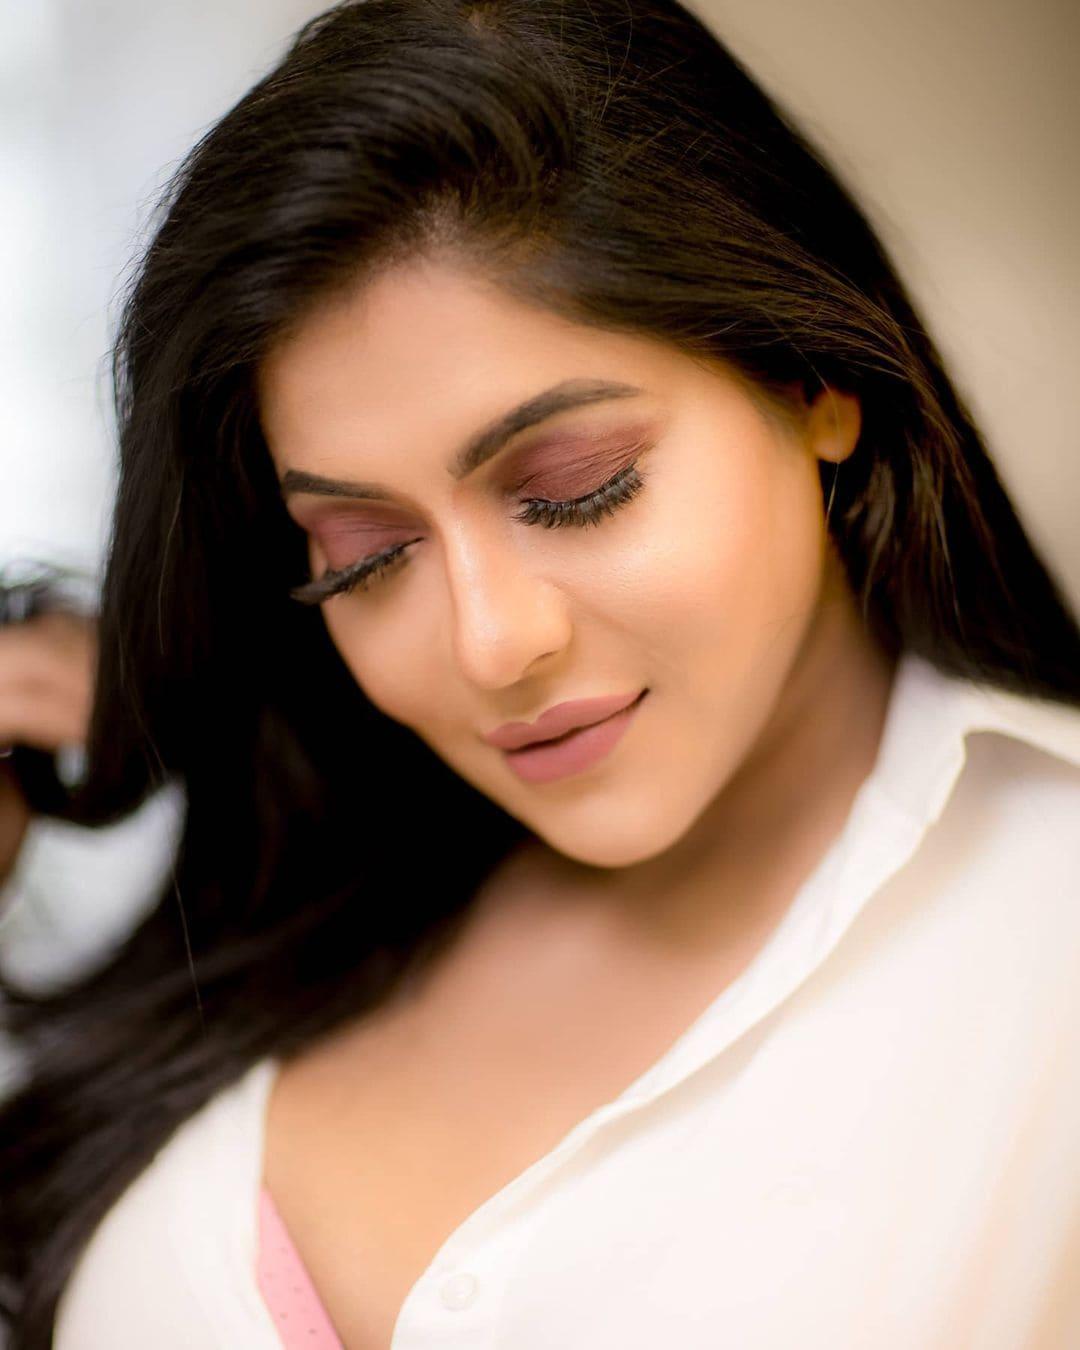 நடிகை ரேஷ்மா பசுபுலேட்டி' வேலைன்னு வந்துட்ட வெல்லக்காரன்'திரைப்படம் மூலம் ரசிகர்கள் மத்தியில் பிரபலமானார்.